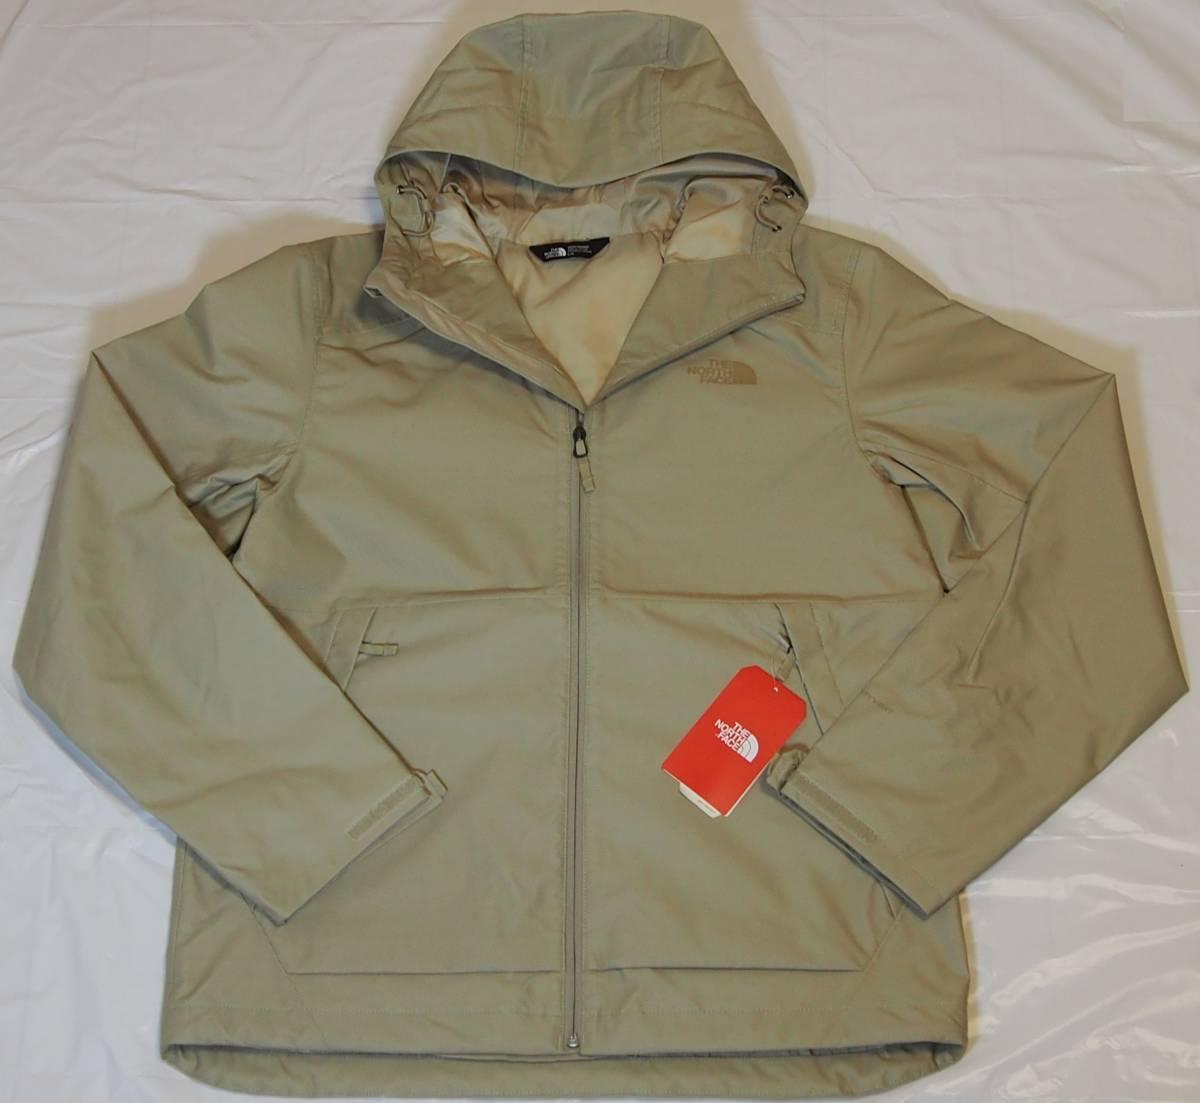 【USA購入、未使用タグ付】ノースフェイス ミラートン ジャケット Lサイズ ベージュ The North Face Millerton Jacket_画像1